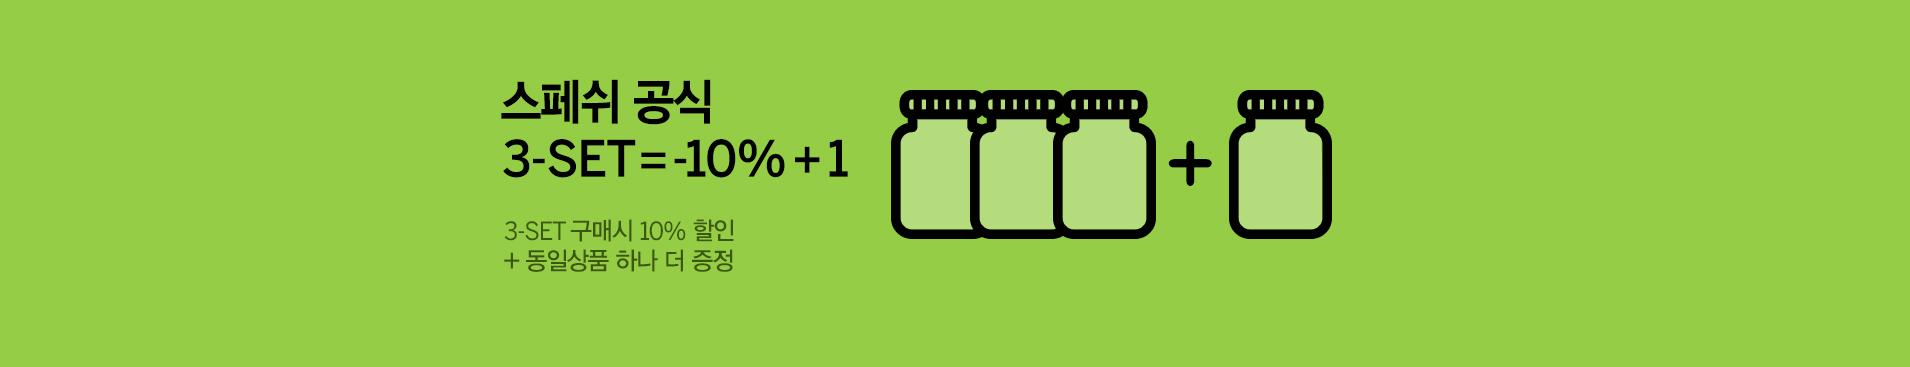 스페쉬 공식 3-SET + 동일 정품 하나 더